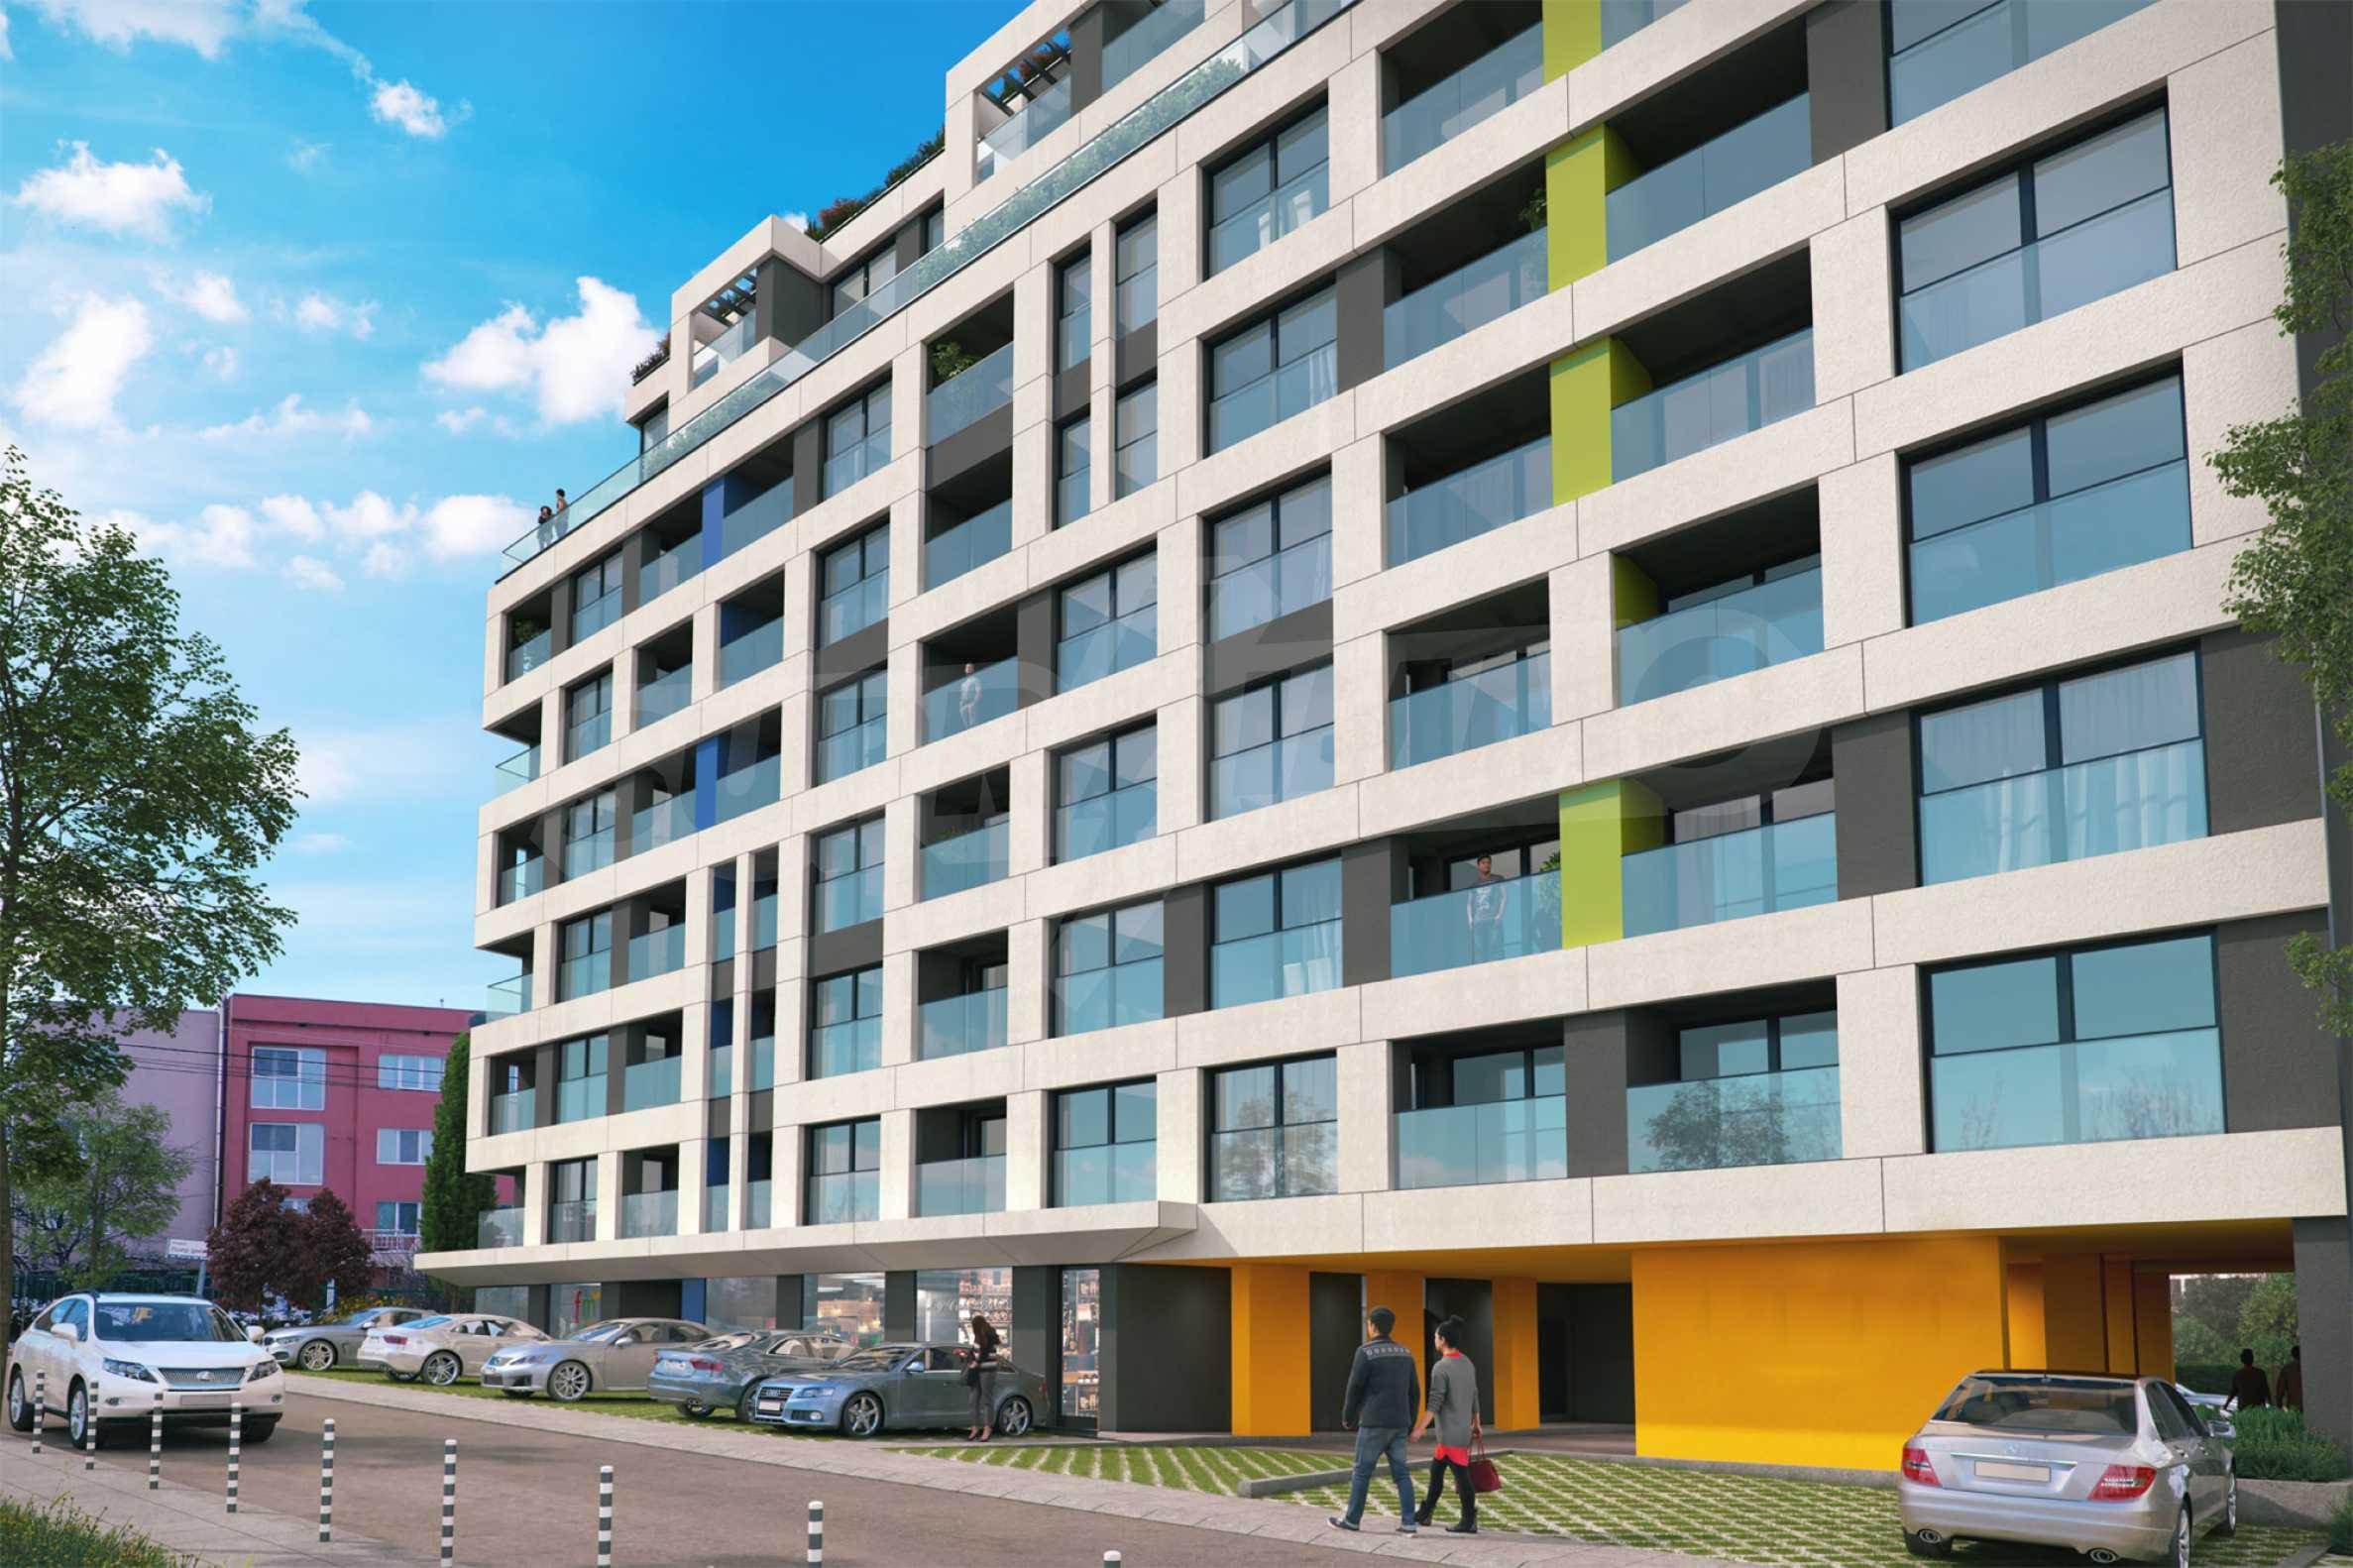 Neues Wohngebäude mit Büros und Geschäften in der Nähe von NBU zu PROMO-Preisen